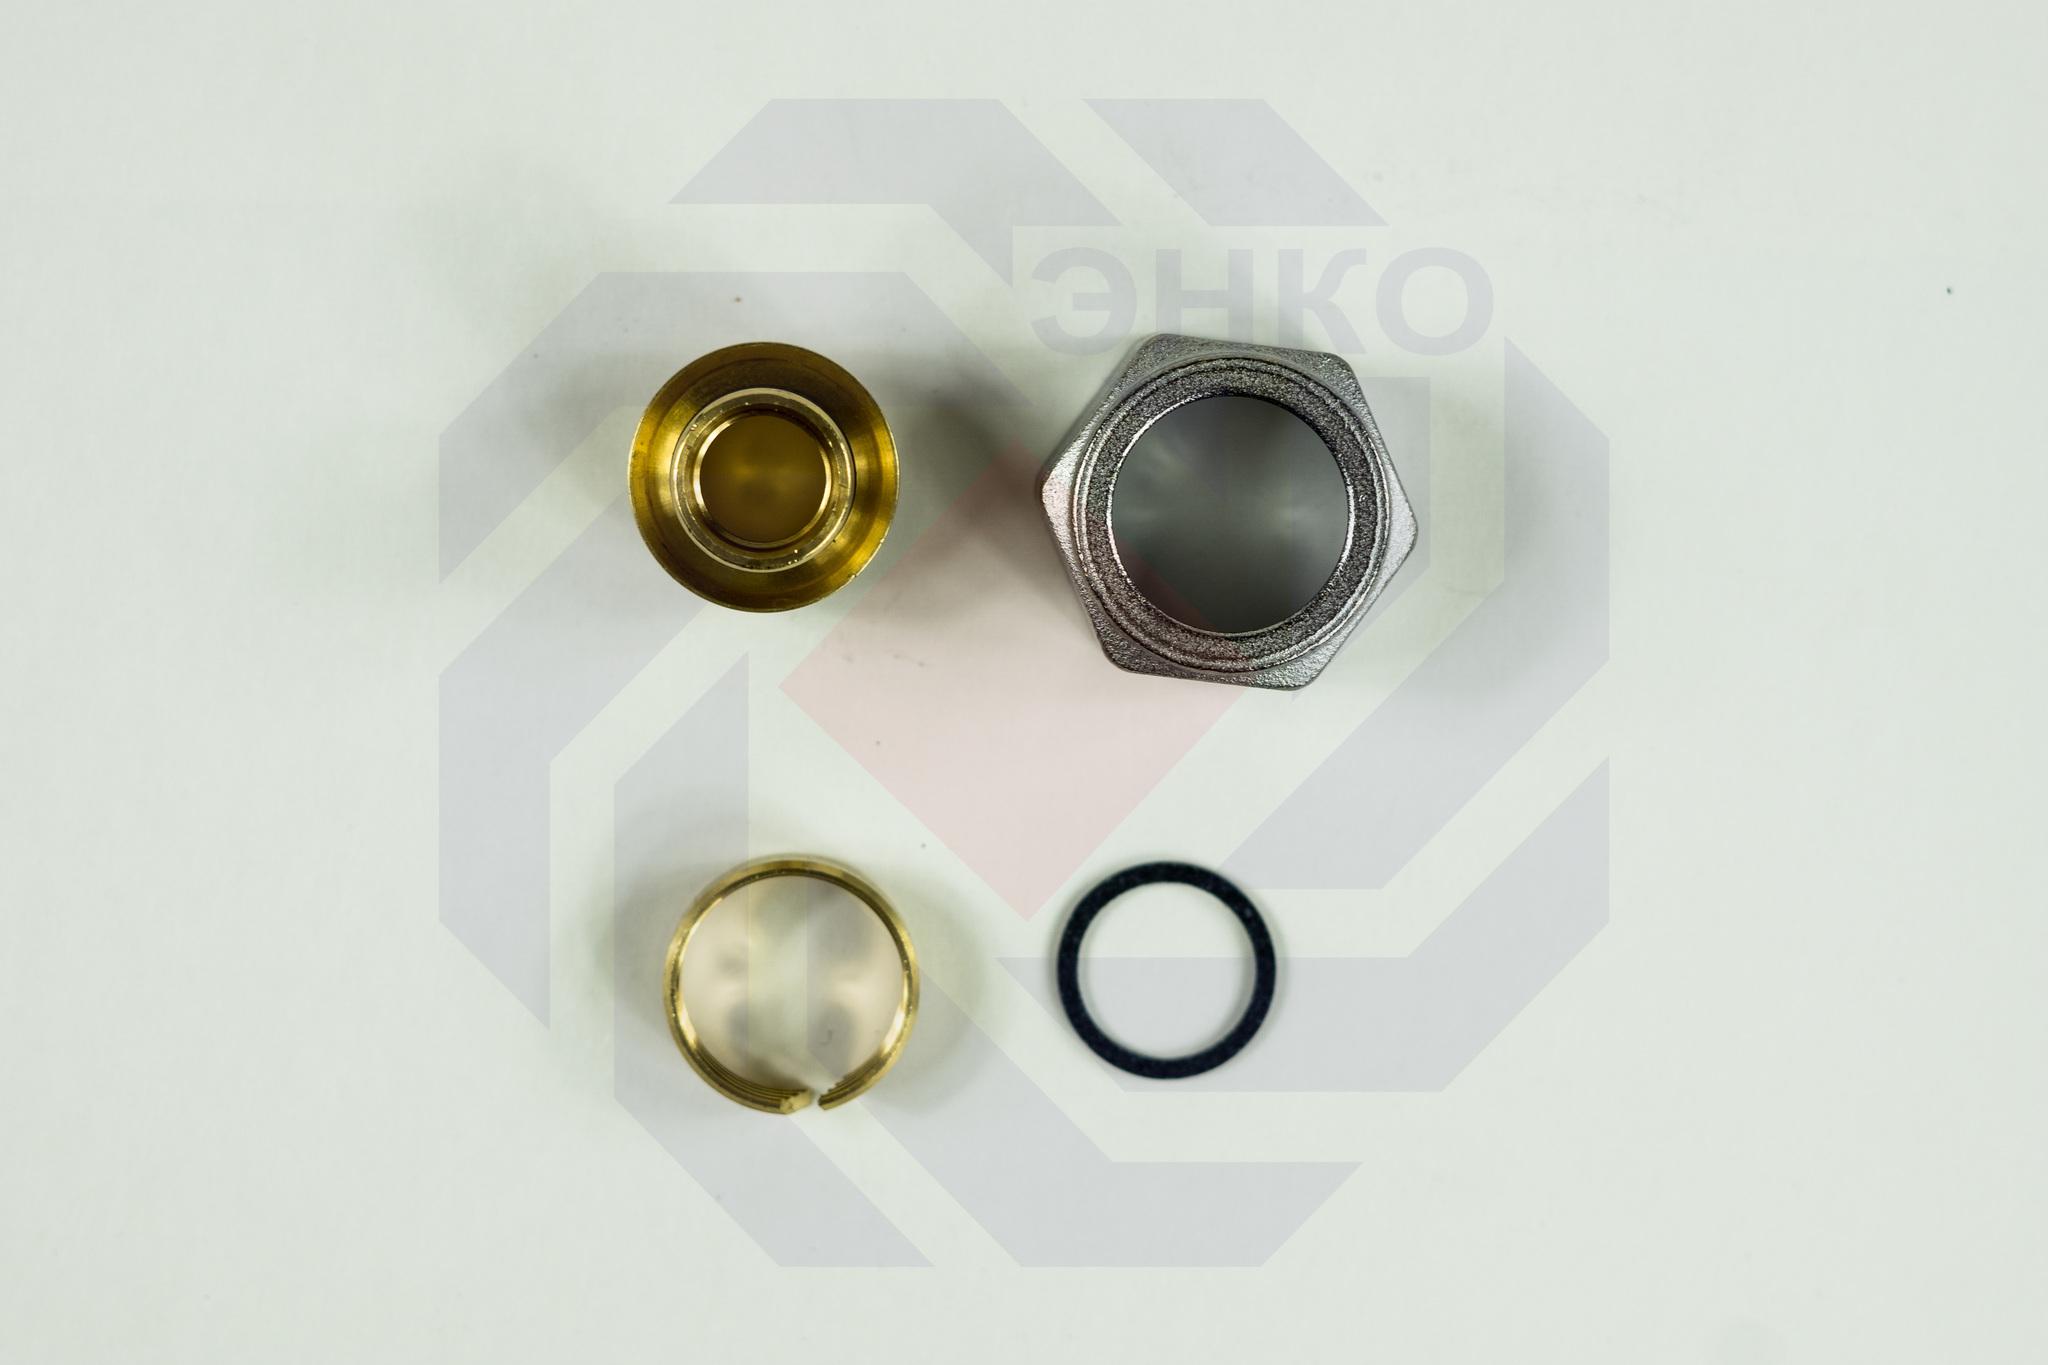 Фитинг Евроконус для труб PE-X, PE-RT, PE-X/Al/PE-X Giacomini R179E ¾